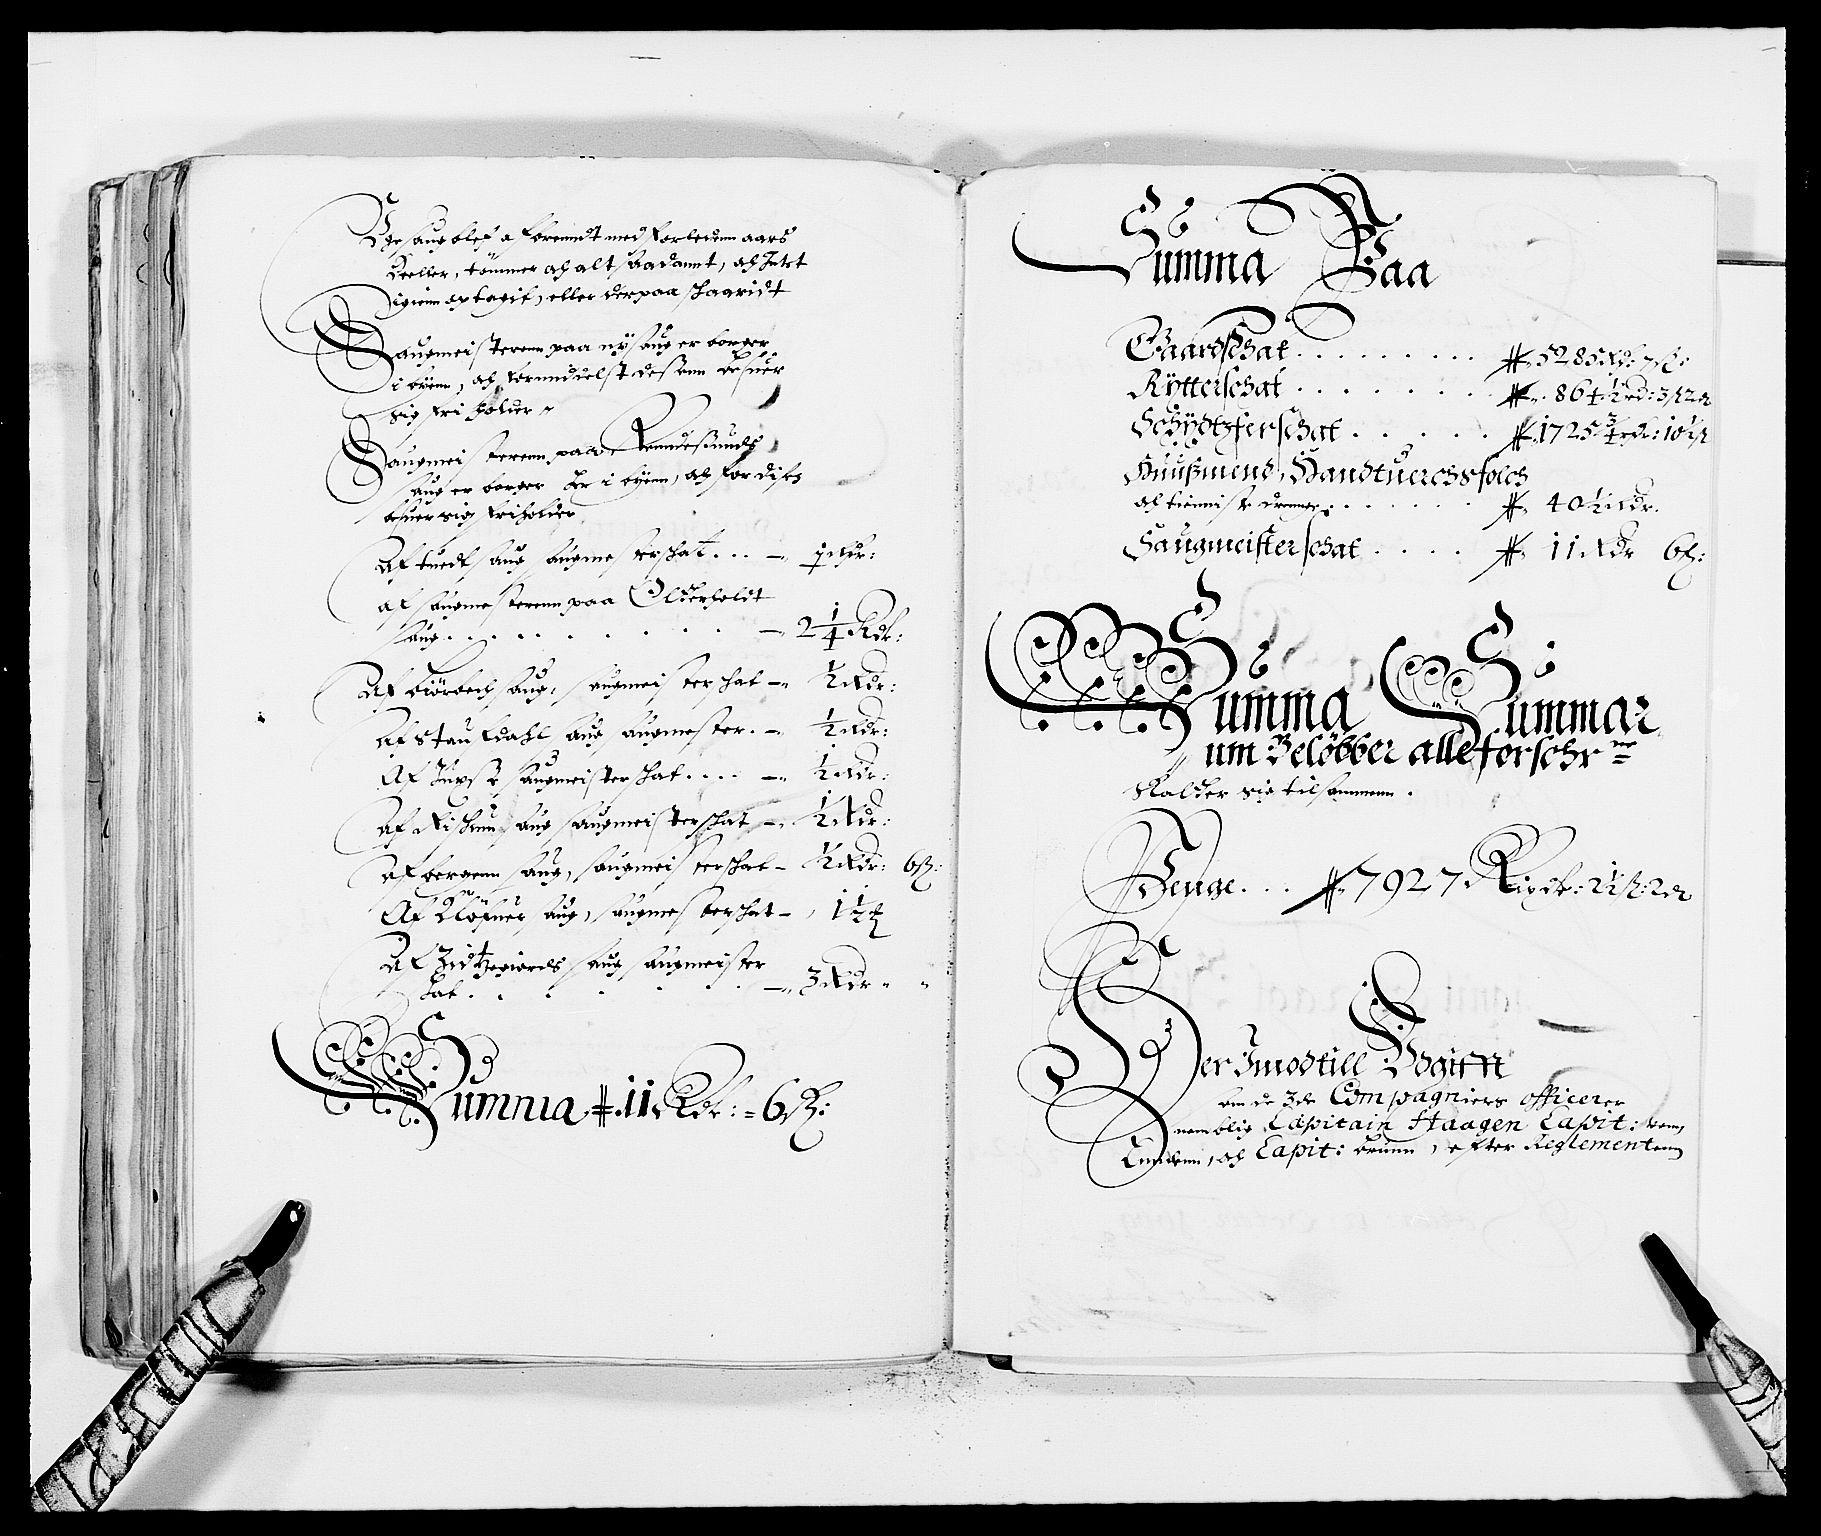 RA, Rentekammeret inntil 1814, Reviderte regnskaper, Fogderegnskap, R35/L2056: Fogderegnskap Øvre og Nedre Telemark, 1665, s. 144